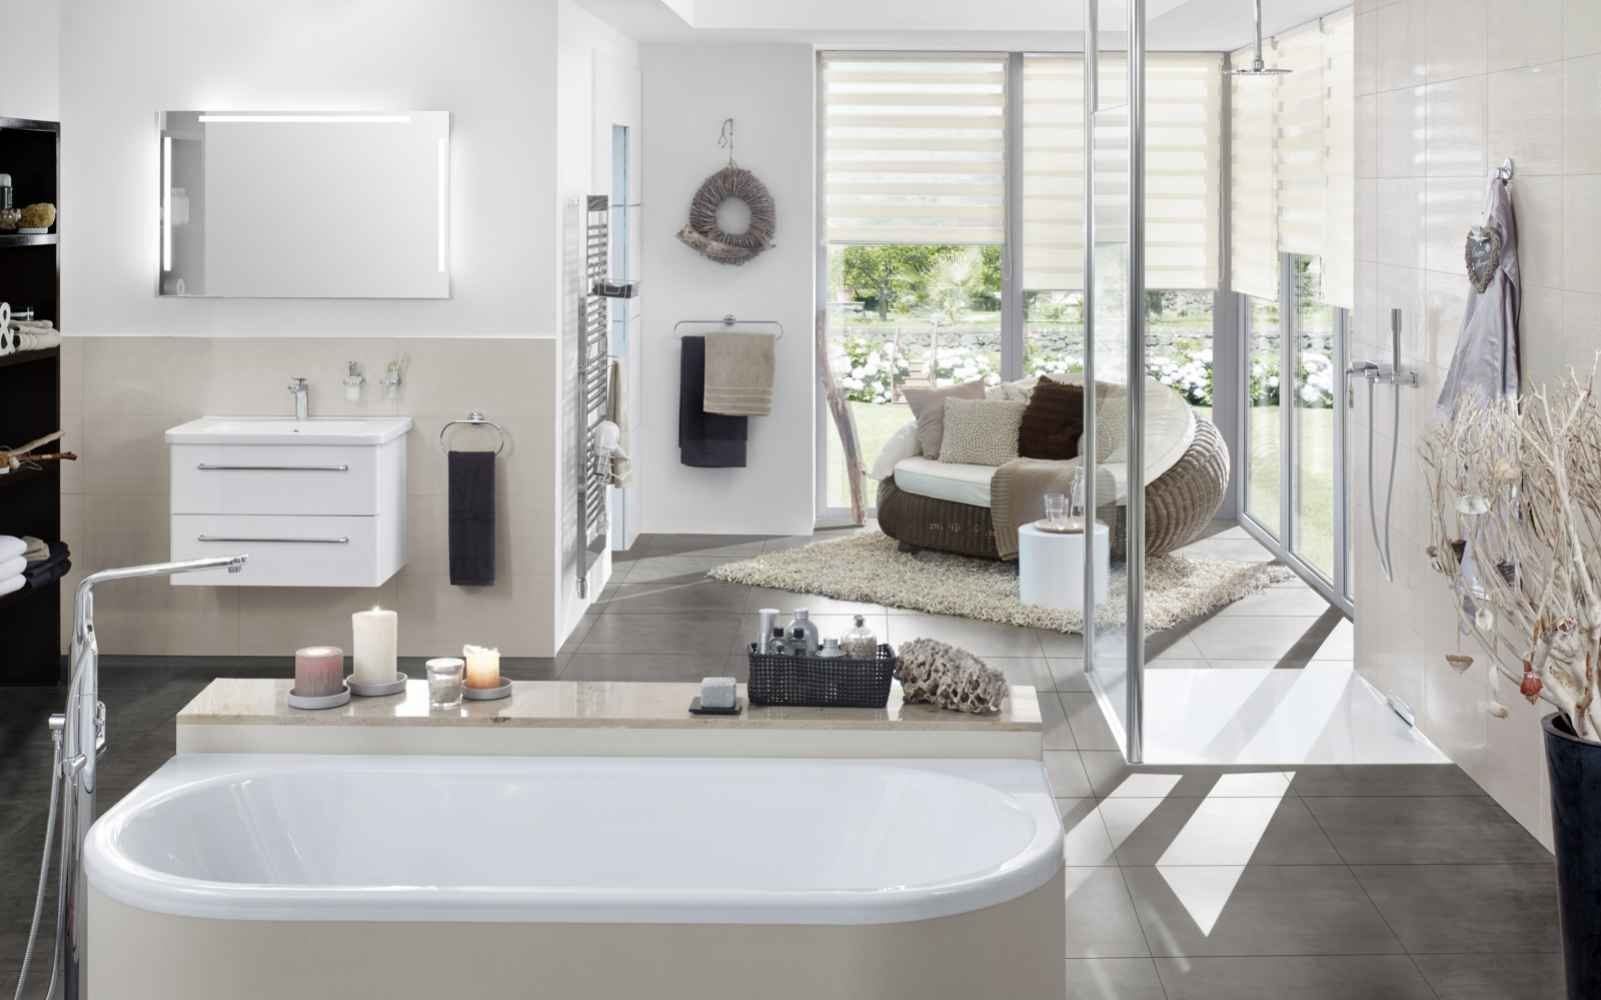 Spiegel badezimmer ~ Badezimmer mit led spiegel zentraler blickfang in einem badezimmer